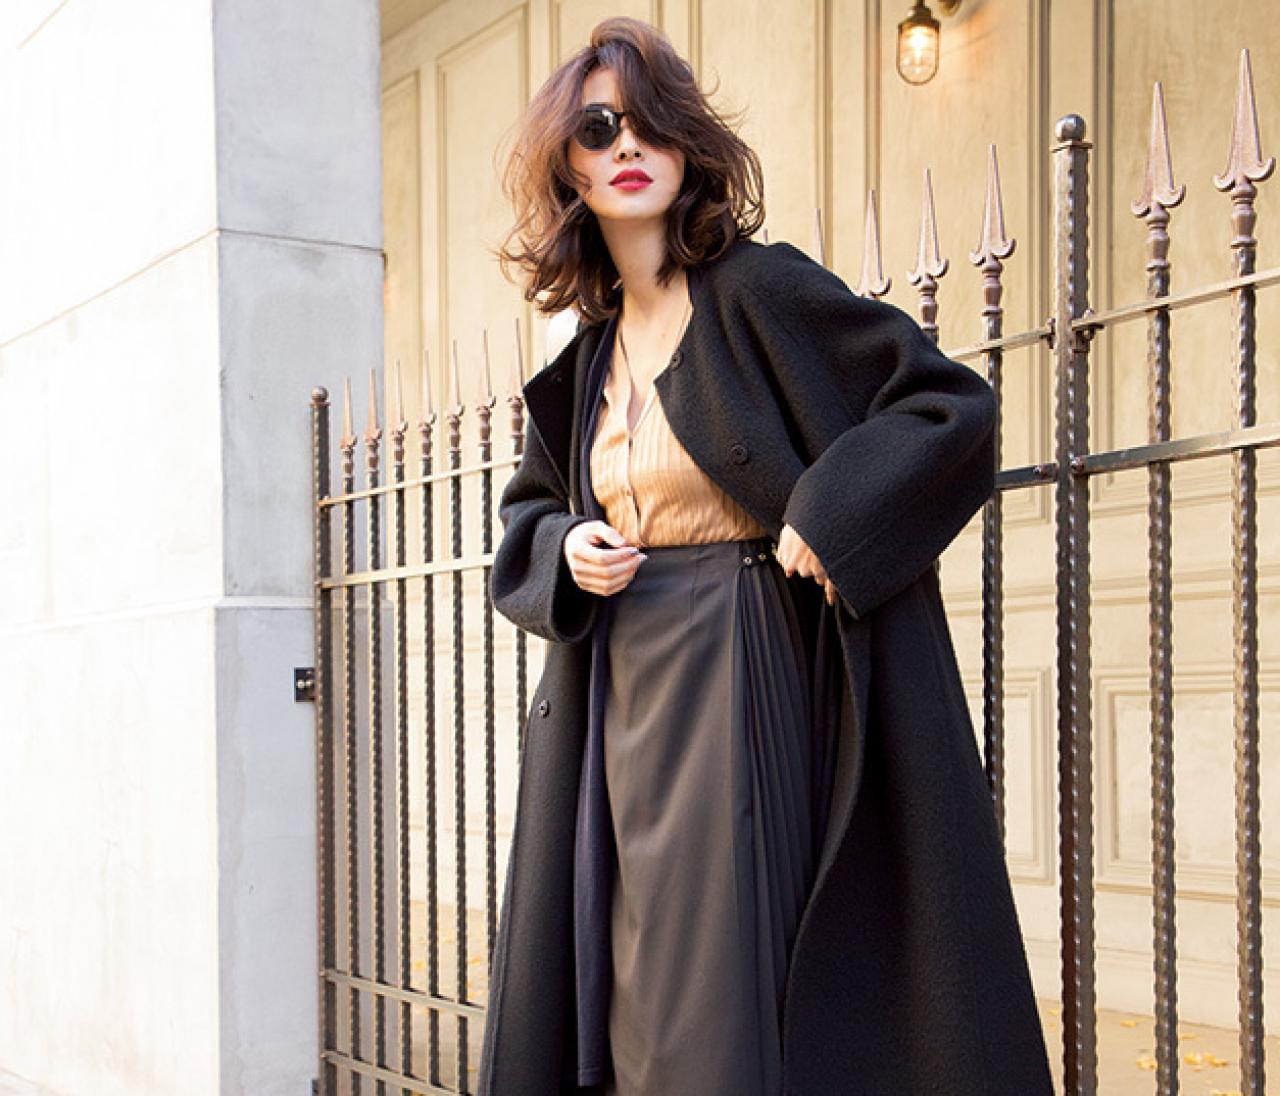 アフター6に予定があるなら、大人なブラックスカートコーデで女っぽく